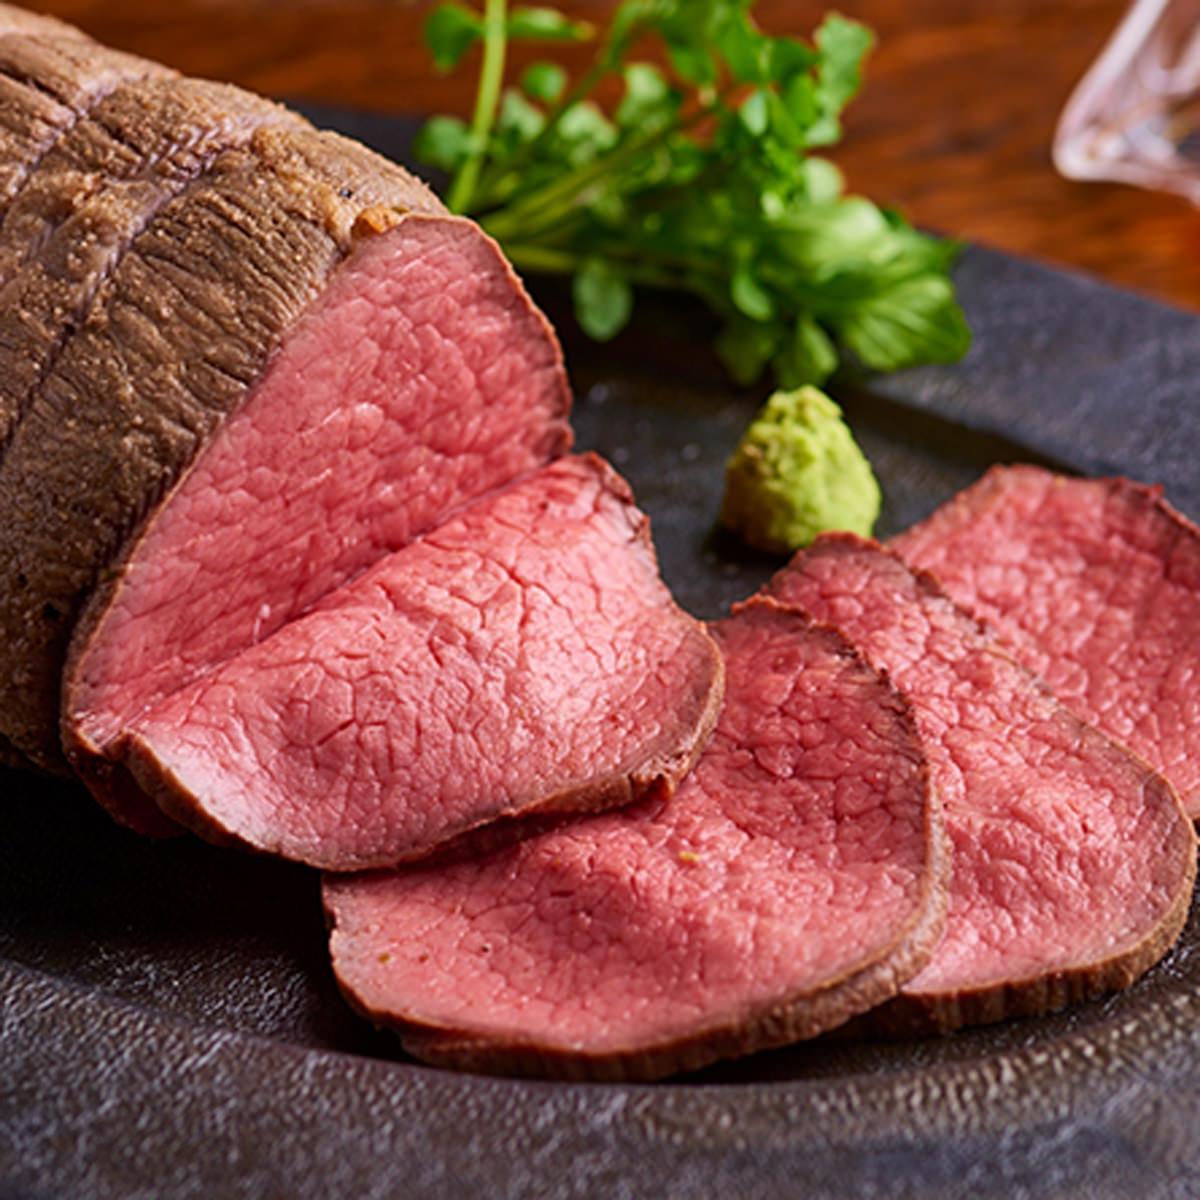 熟成牛 熟成ローストビーフ 500g 生わさび 特製ソース付き 風呂敷包み さの萬牛 お祝い グルメ 国産 モモ肉 株式会社さの萬 静岡県